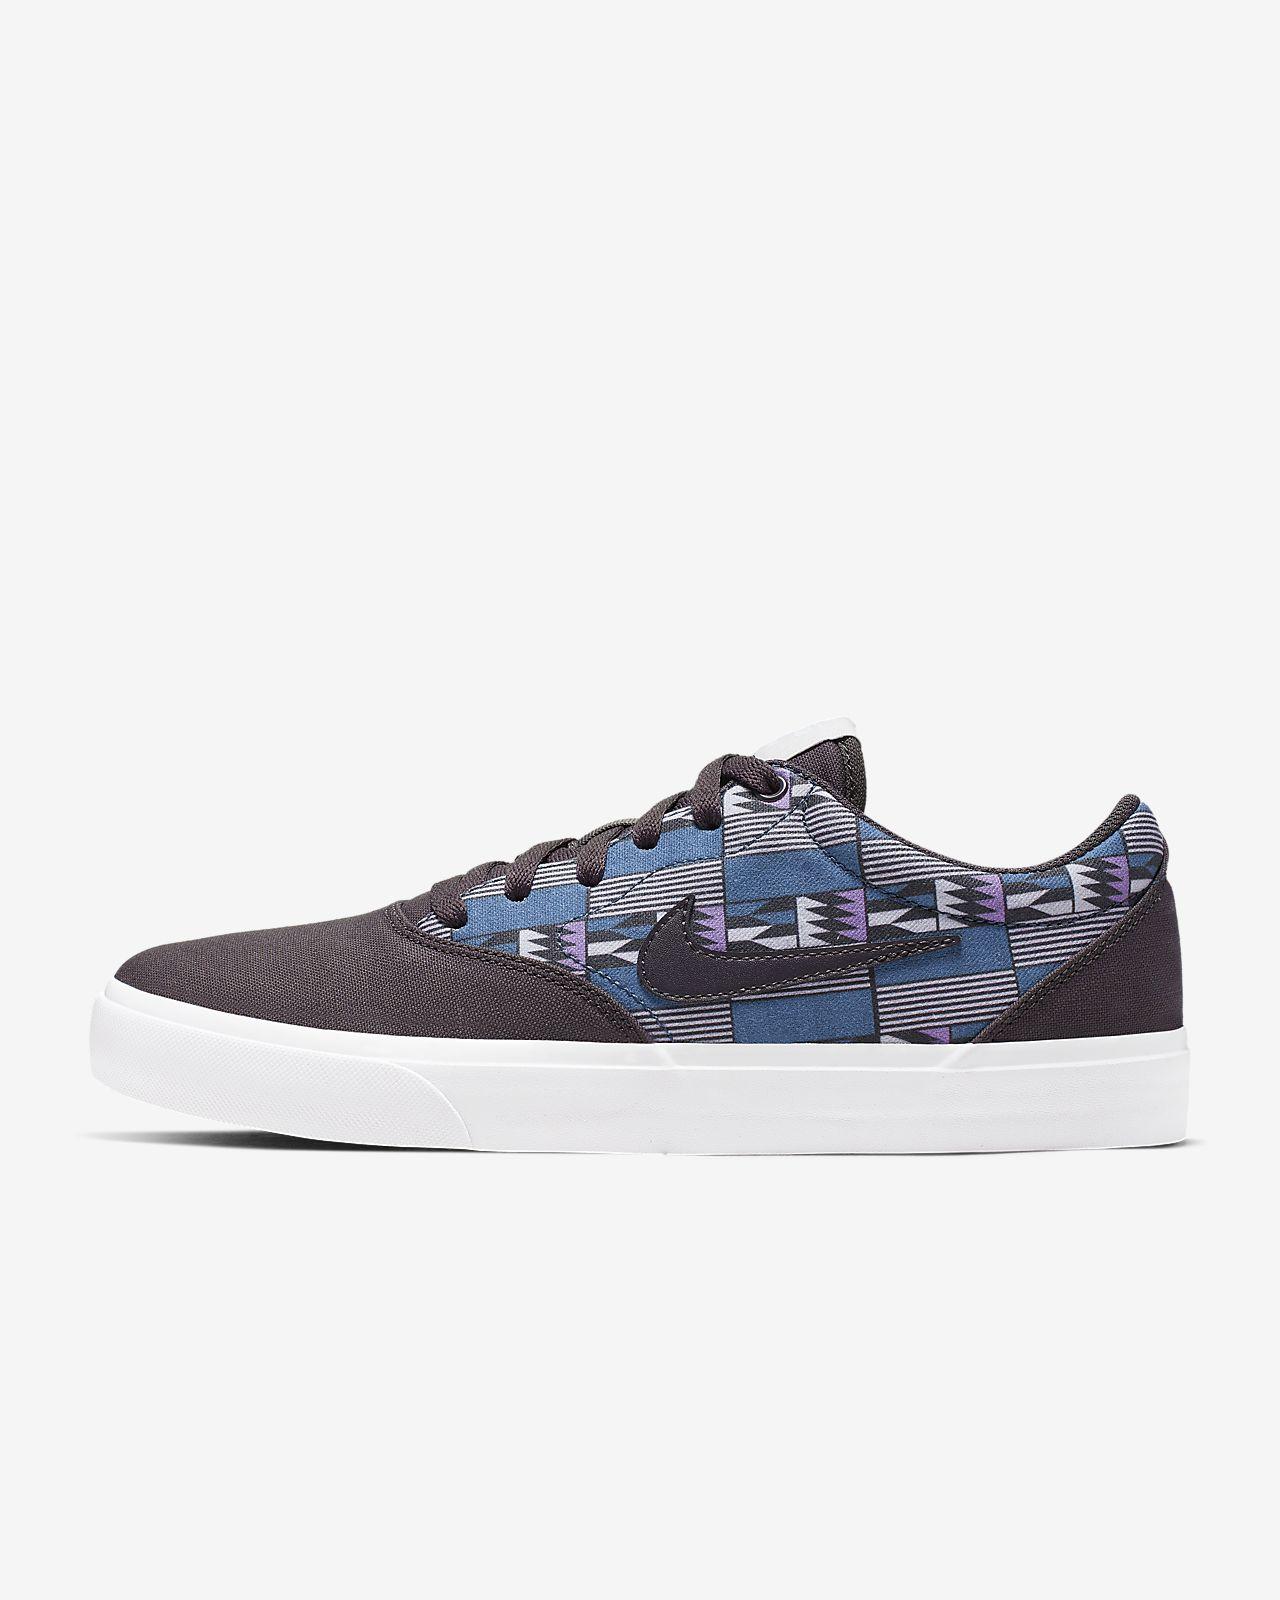 Παπούτσι skateboarding Nike SB Charge Premium